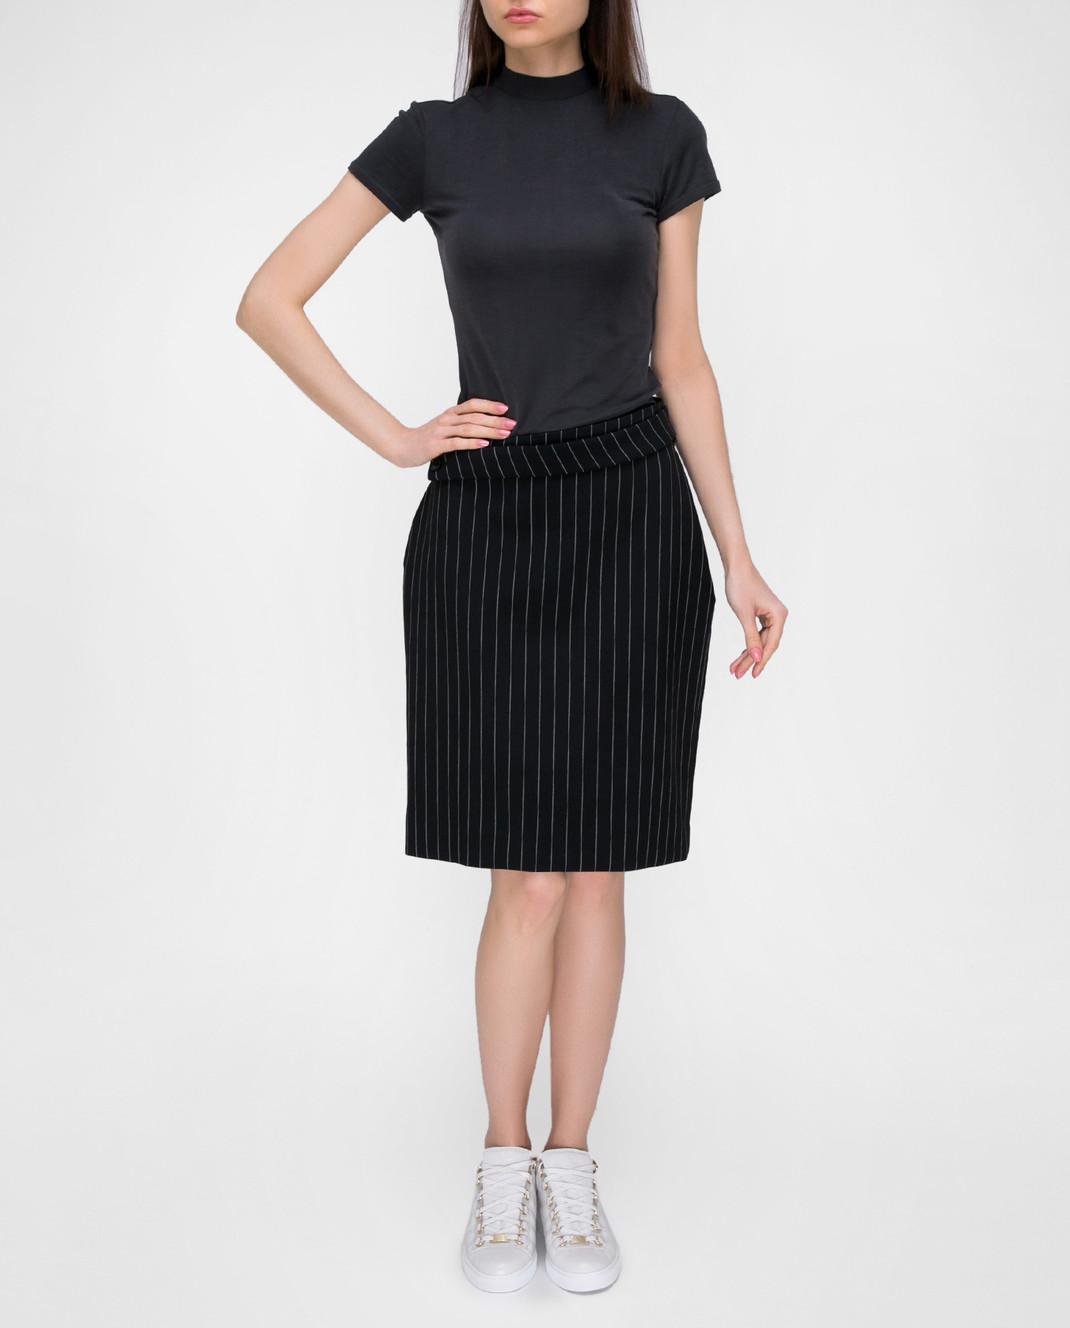 Balenciaga Черная юбка 471020 изображение 2